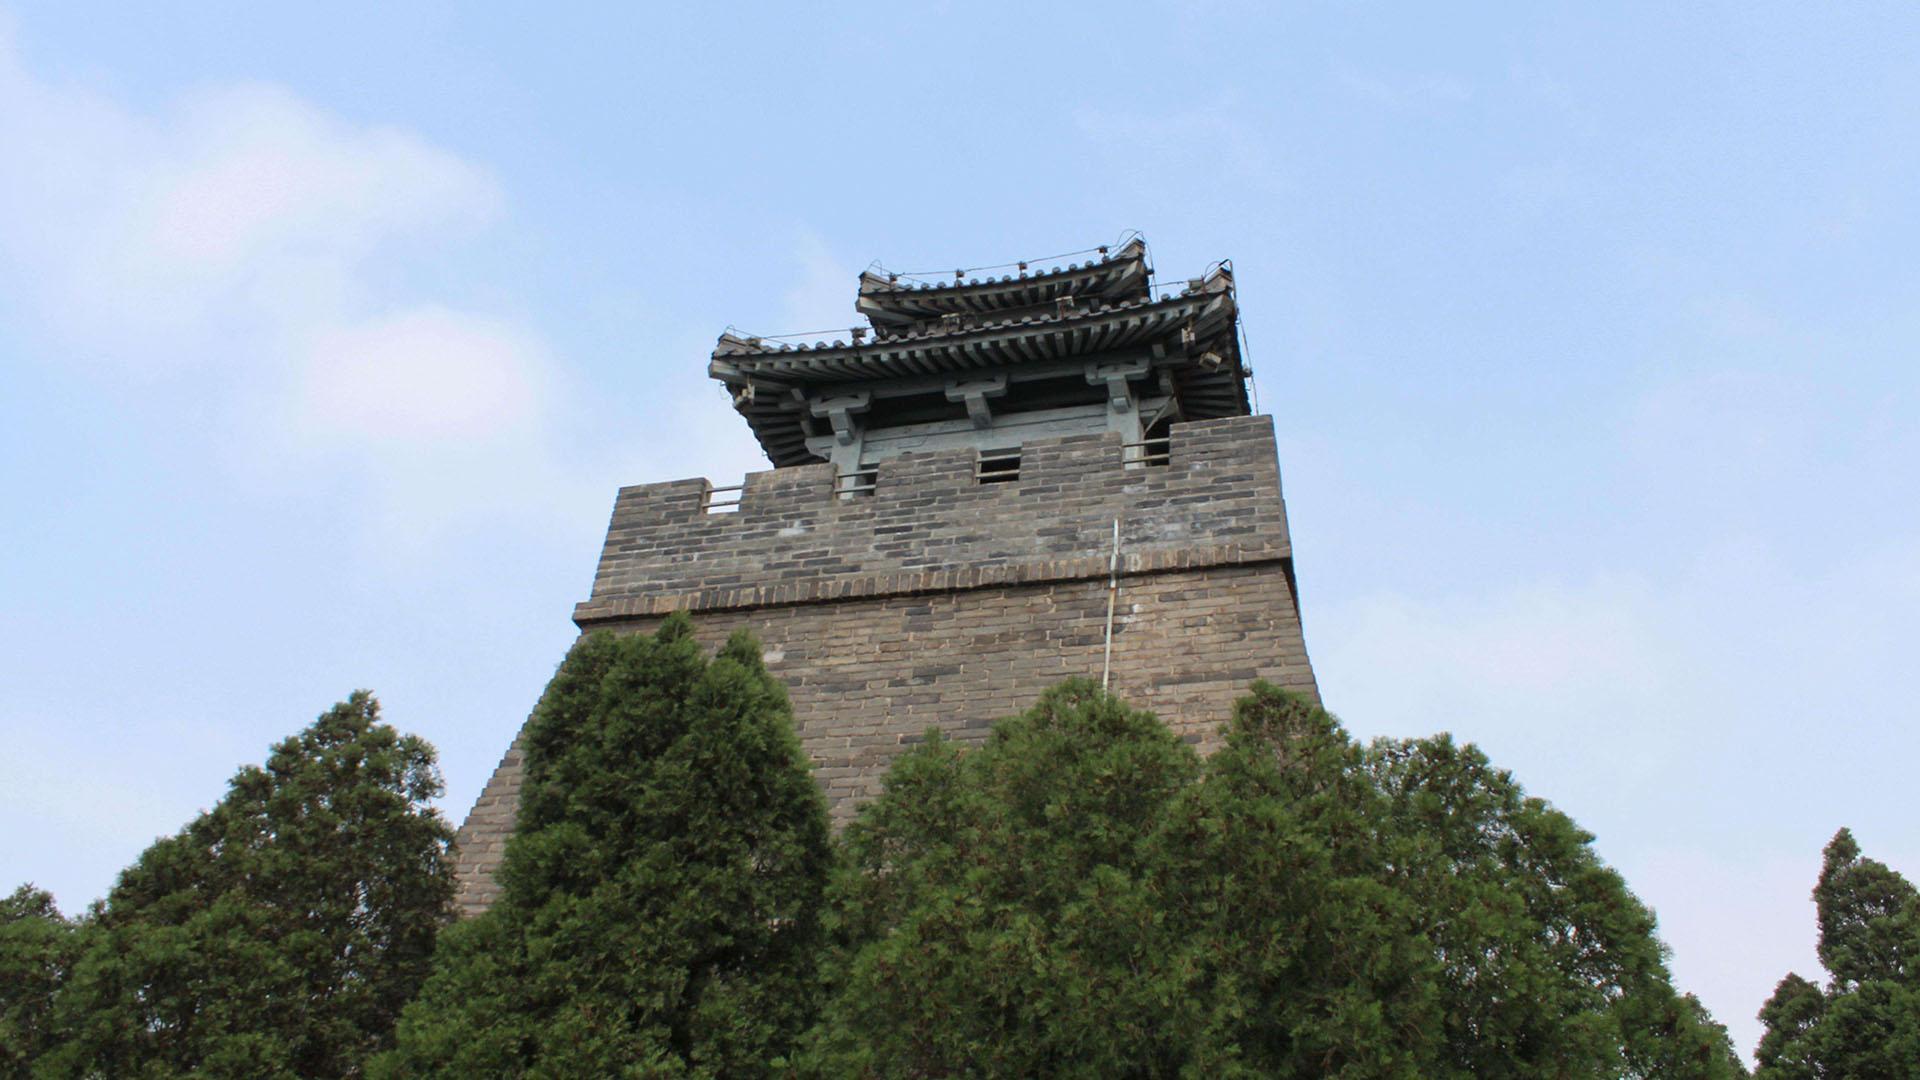 西安骊山风景图片桌面壁纸_图片新闻_东方头条